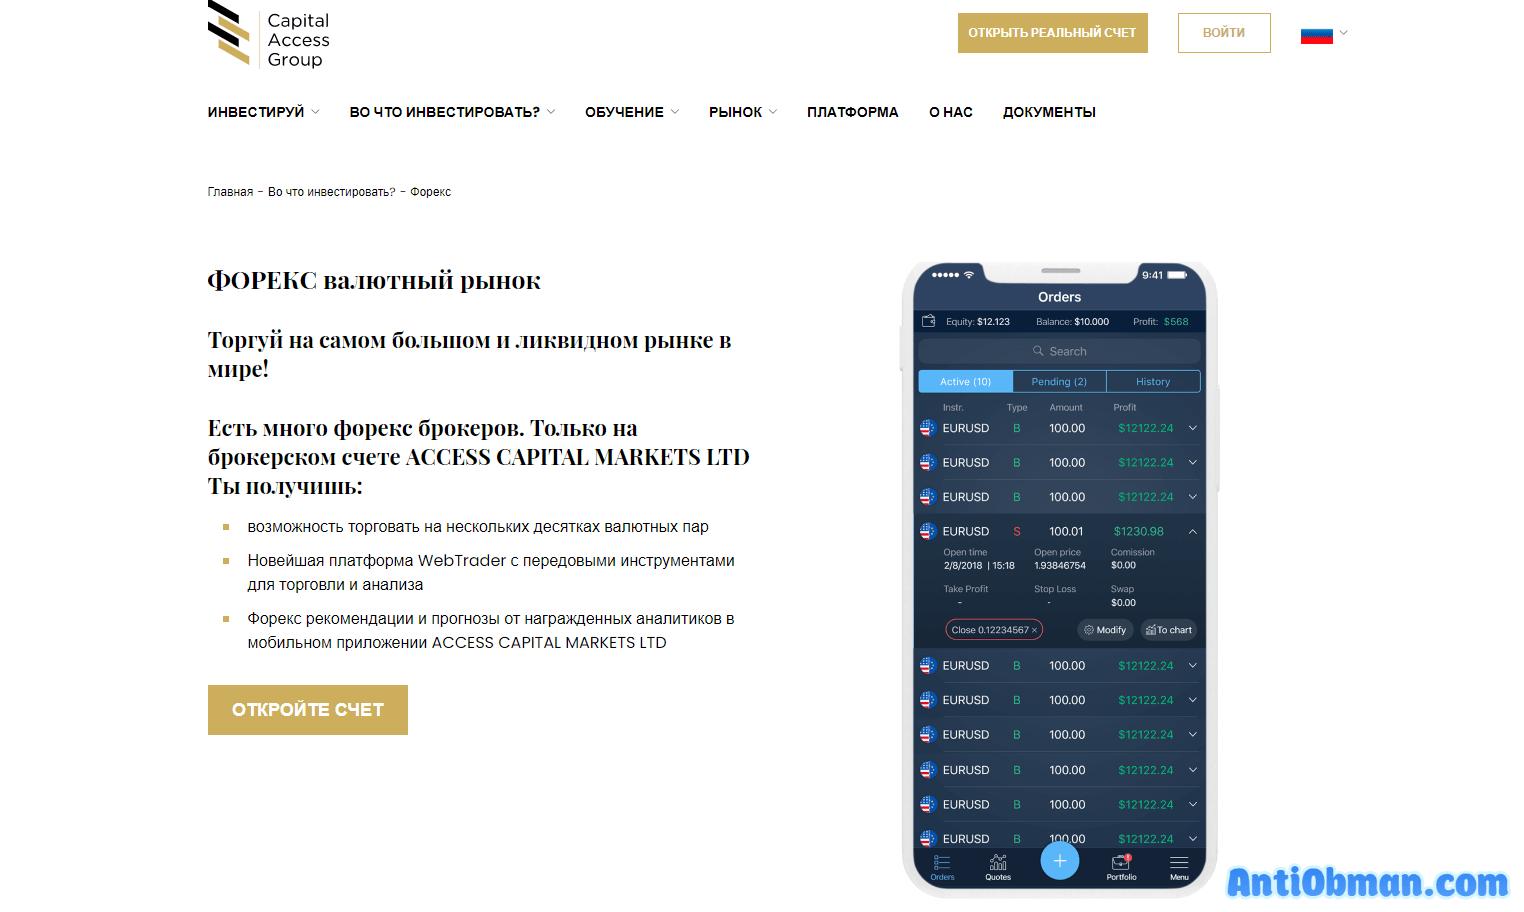 accessgroupcapital.com подробный анализ и обзор